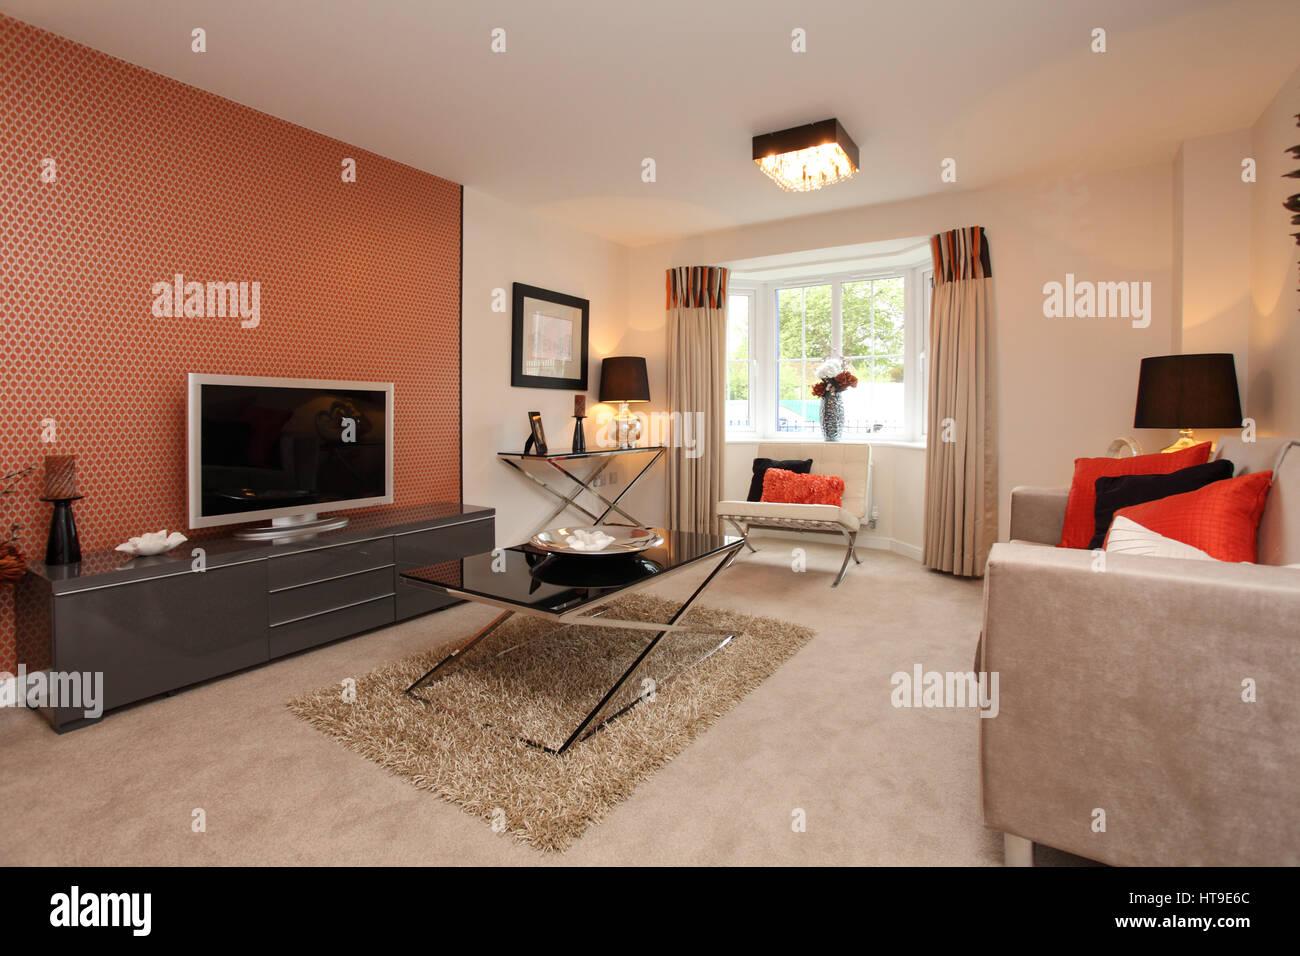 Pareti Soggiorno Beige : Home interni soggiorno parete arancione caratteristica parete